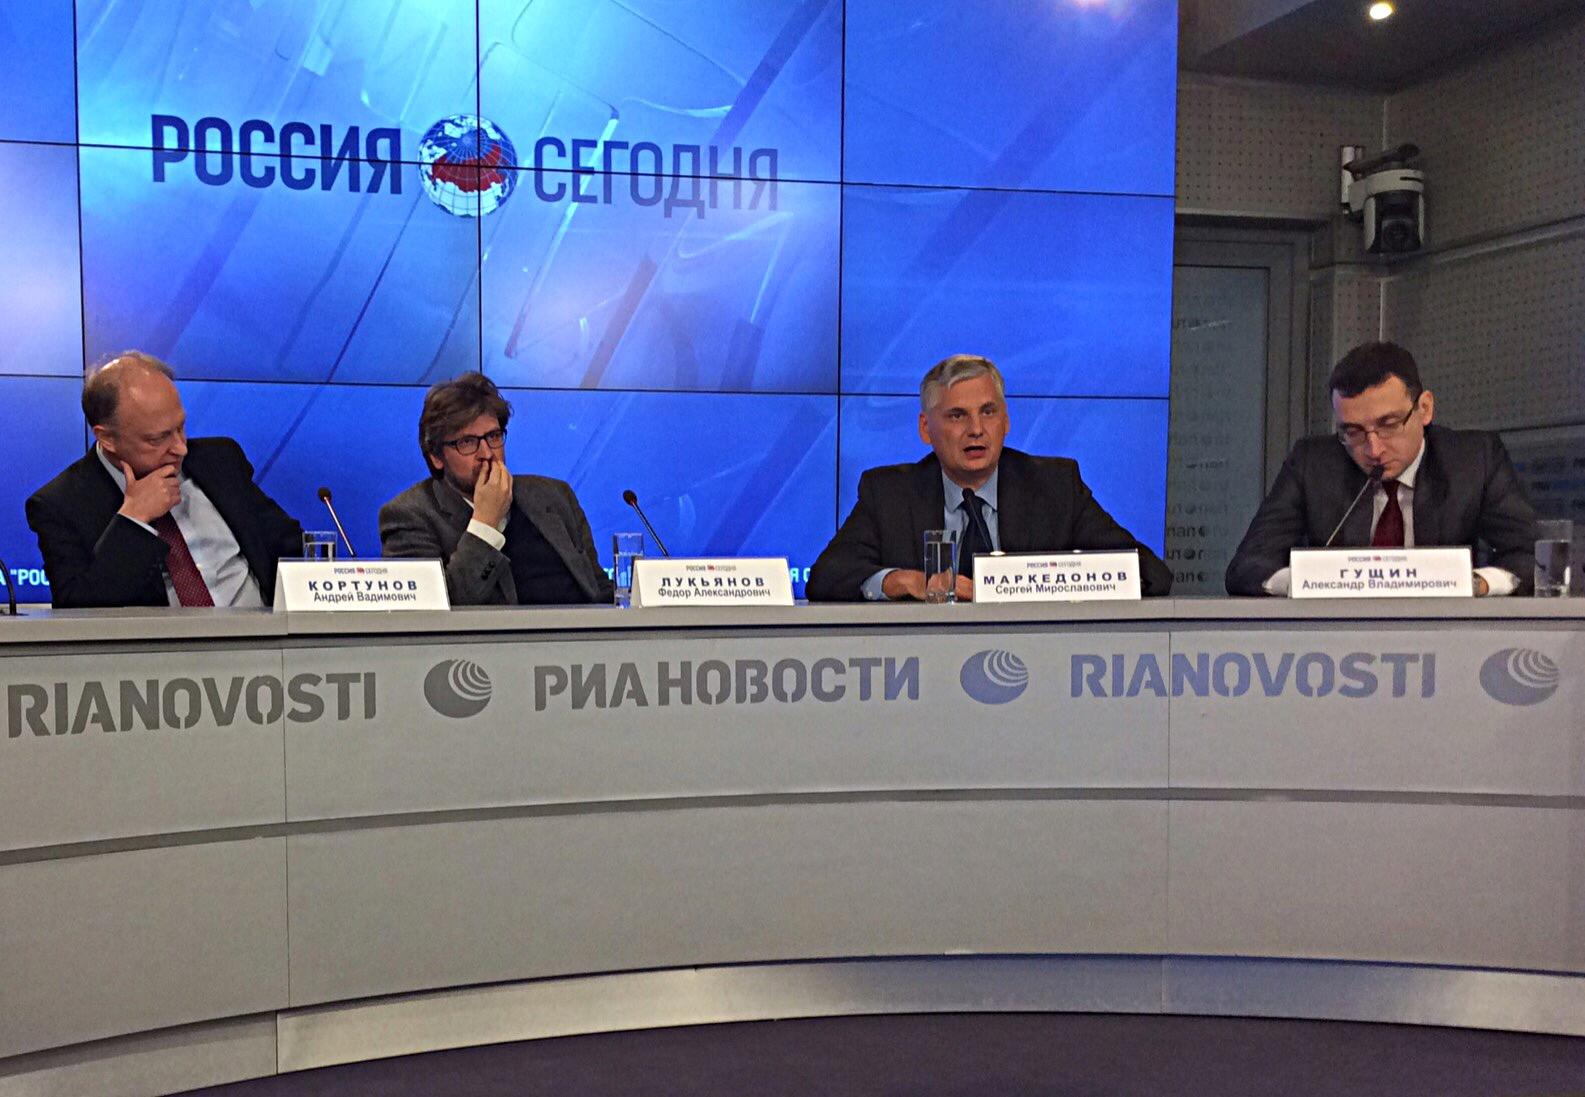 Эксперты дали рецепты решения кризиса на Украине